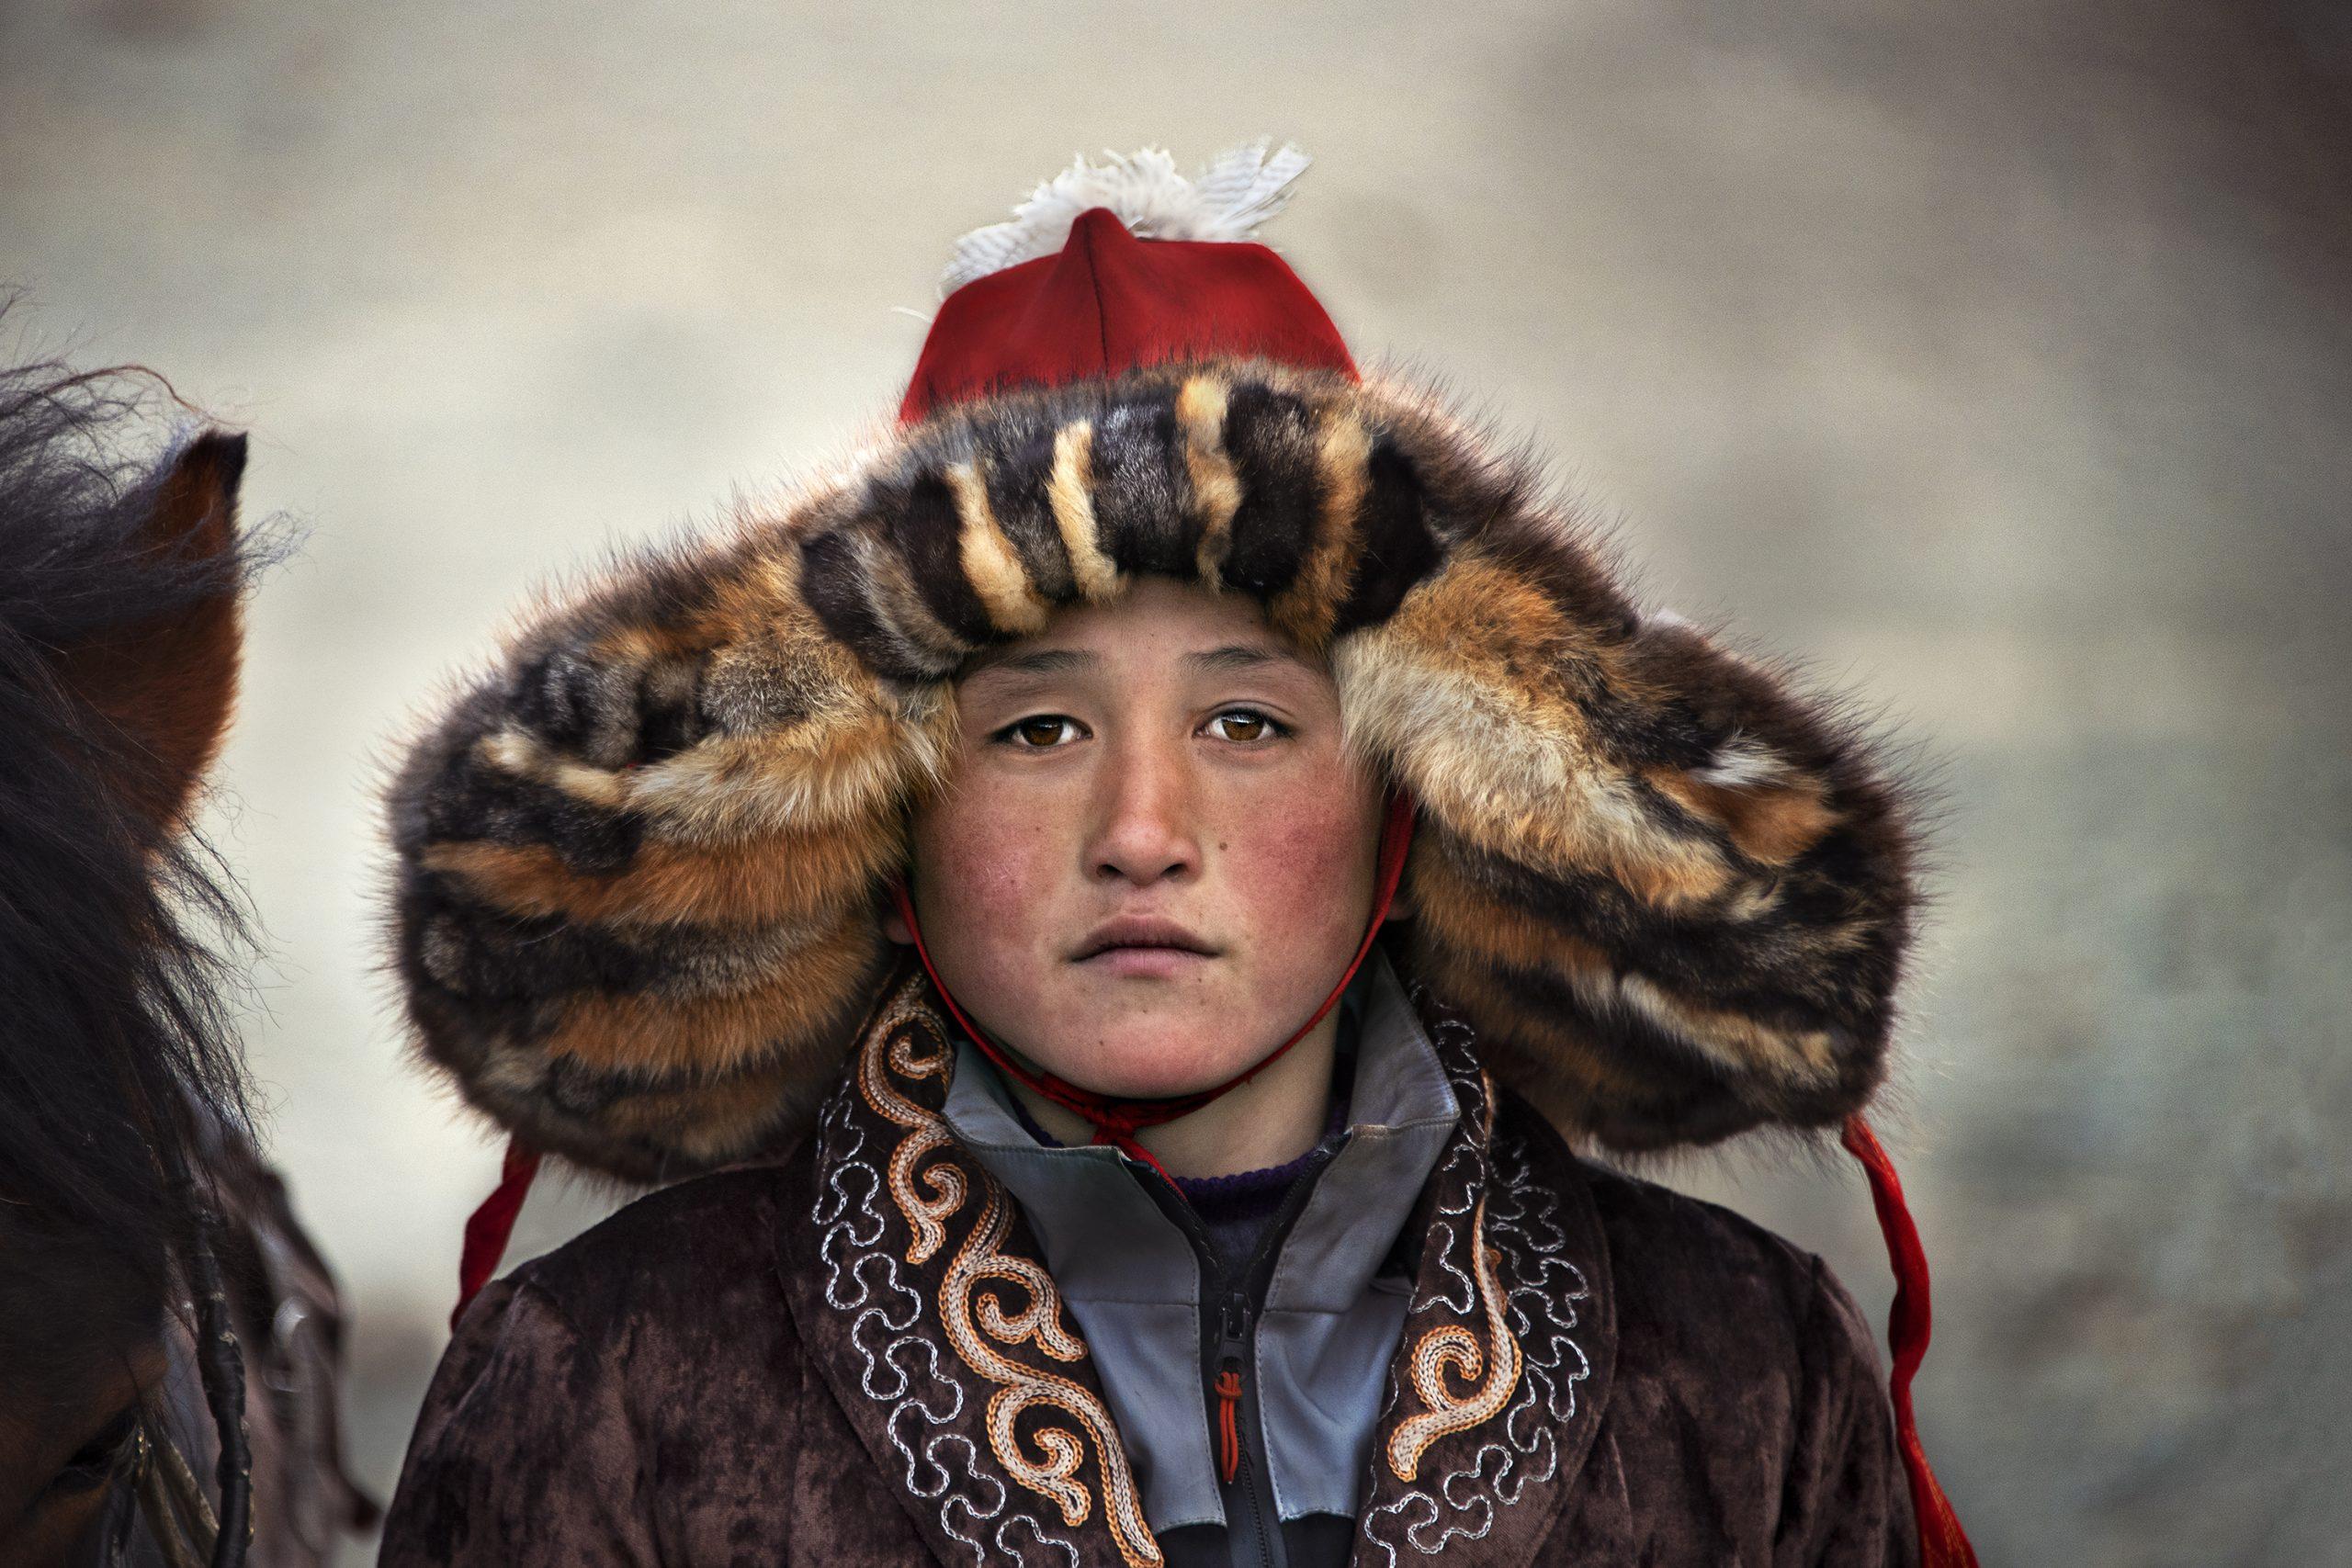 Steve McCurry, Mongolia, 2018, ©Steve McCurry